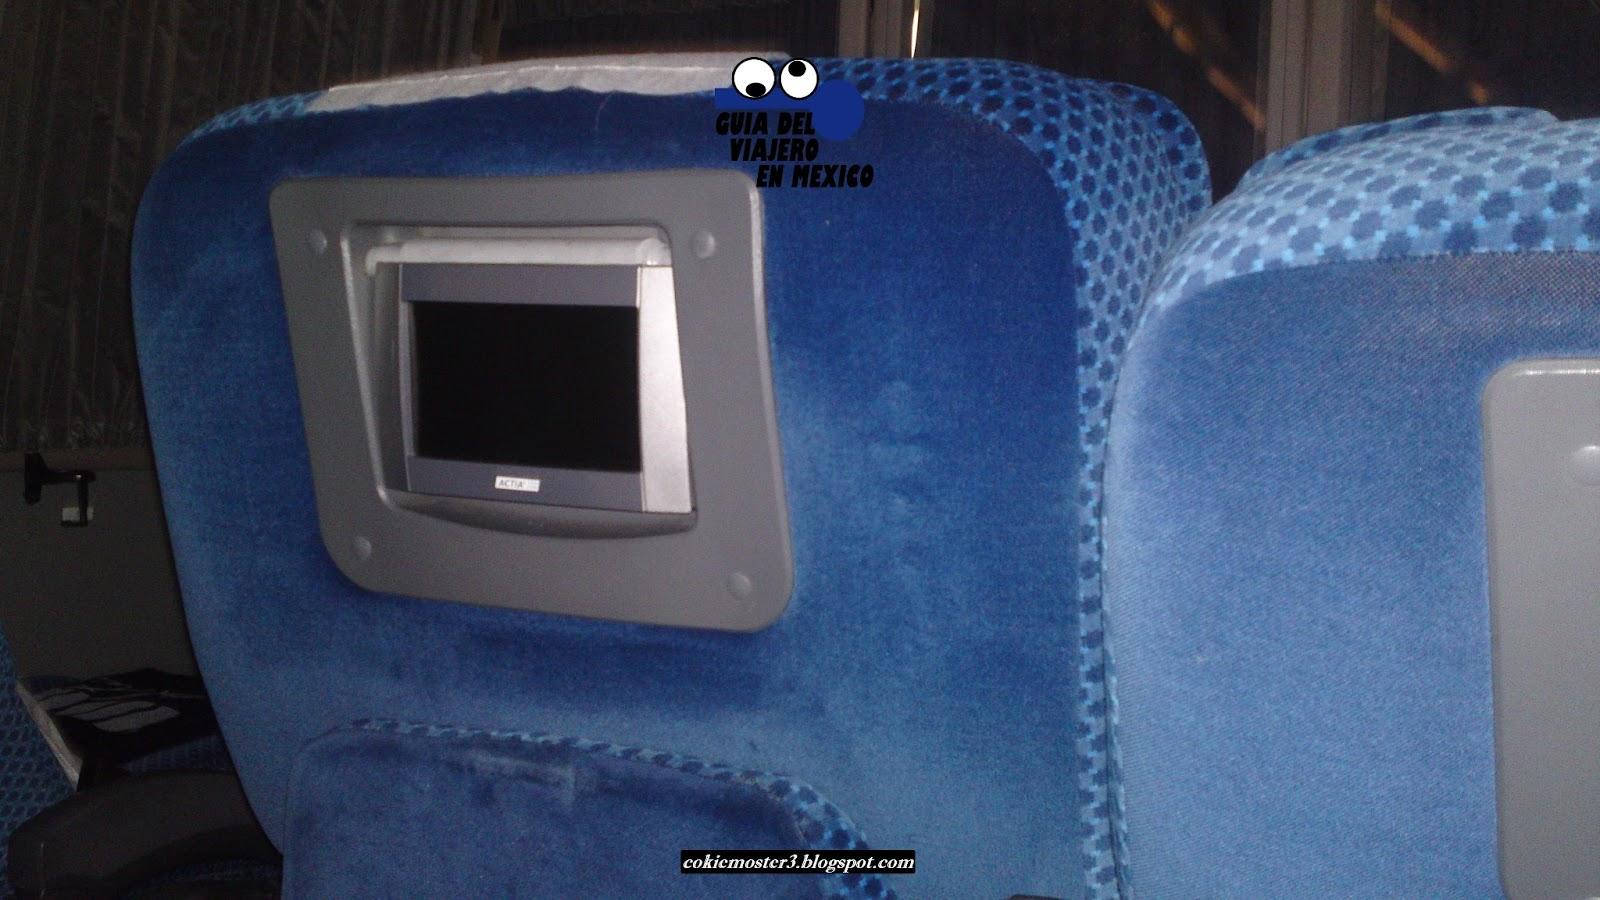 Ado Piso Wifi Wiring Diagram Electric Sub Meter Guía Del Viajero En México Platino Vs Etn Vip